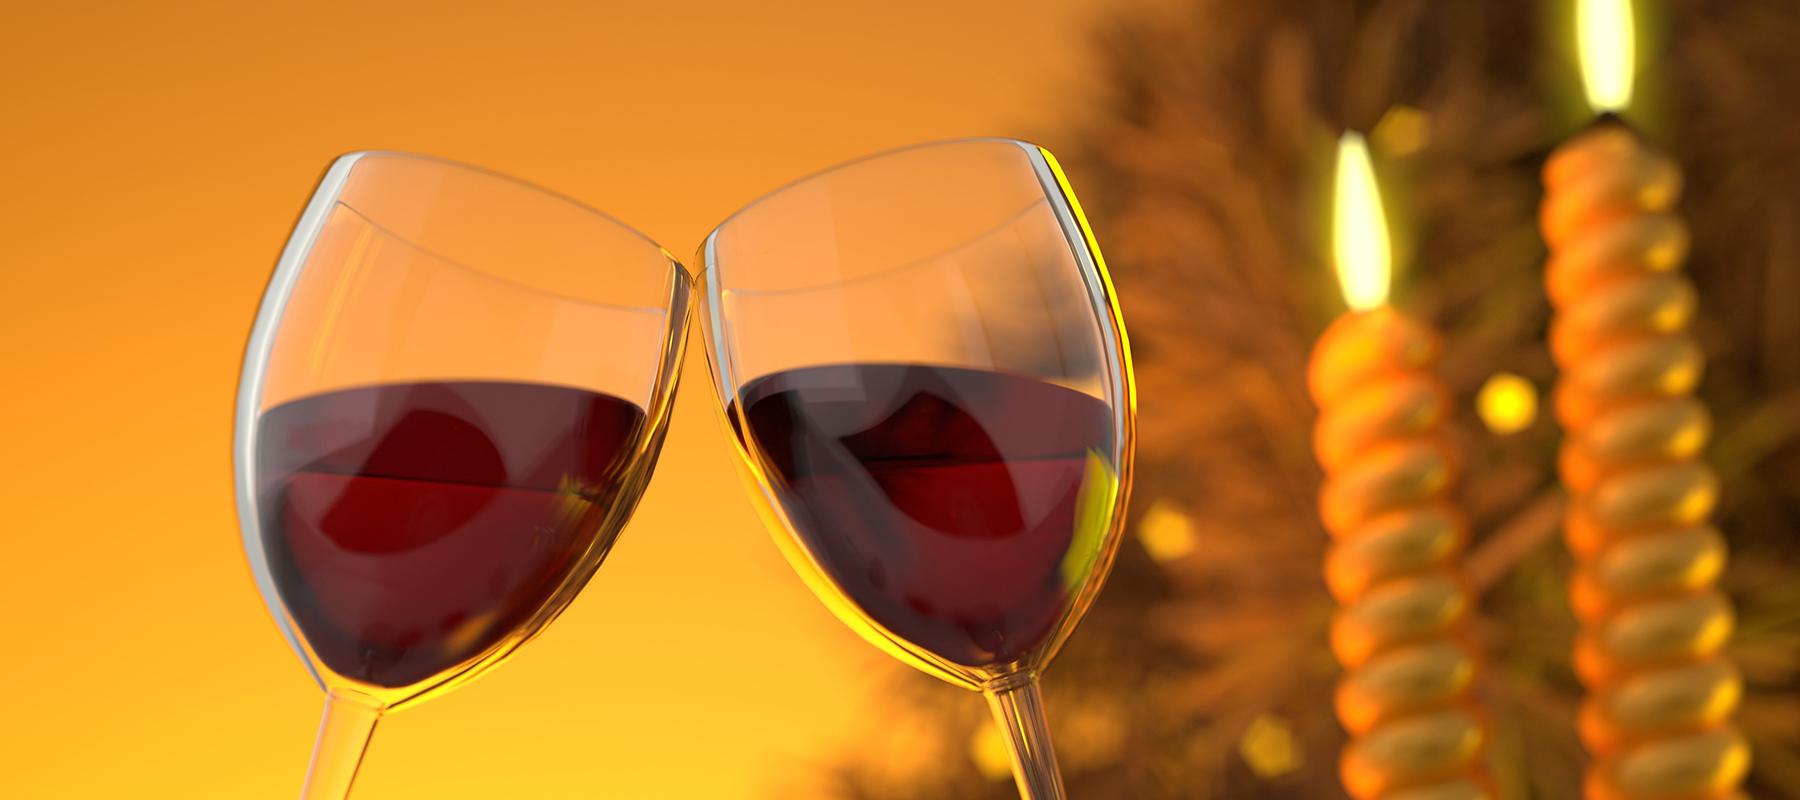 Vendido más de 500 botellas de vino en varios restaurantes famosos de Portugal